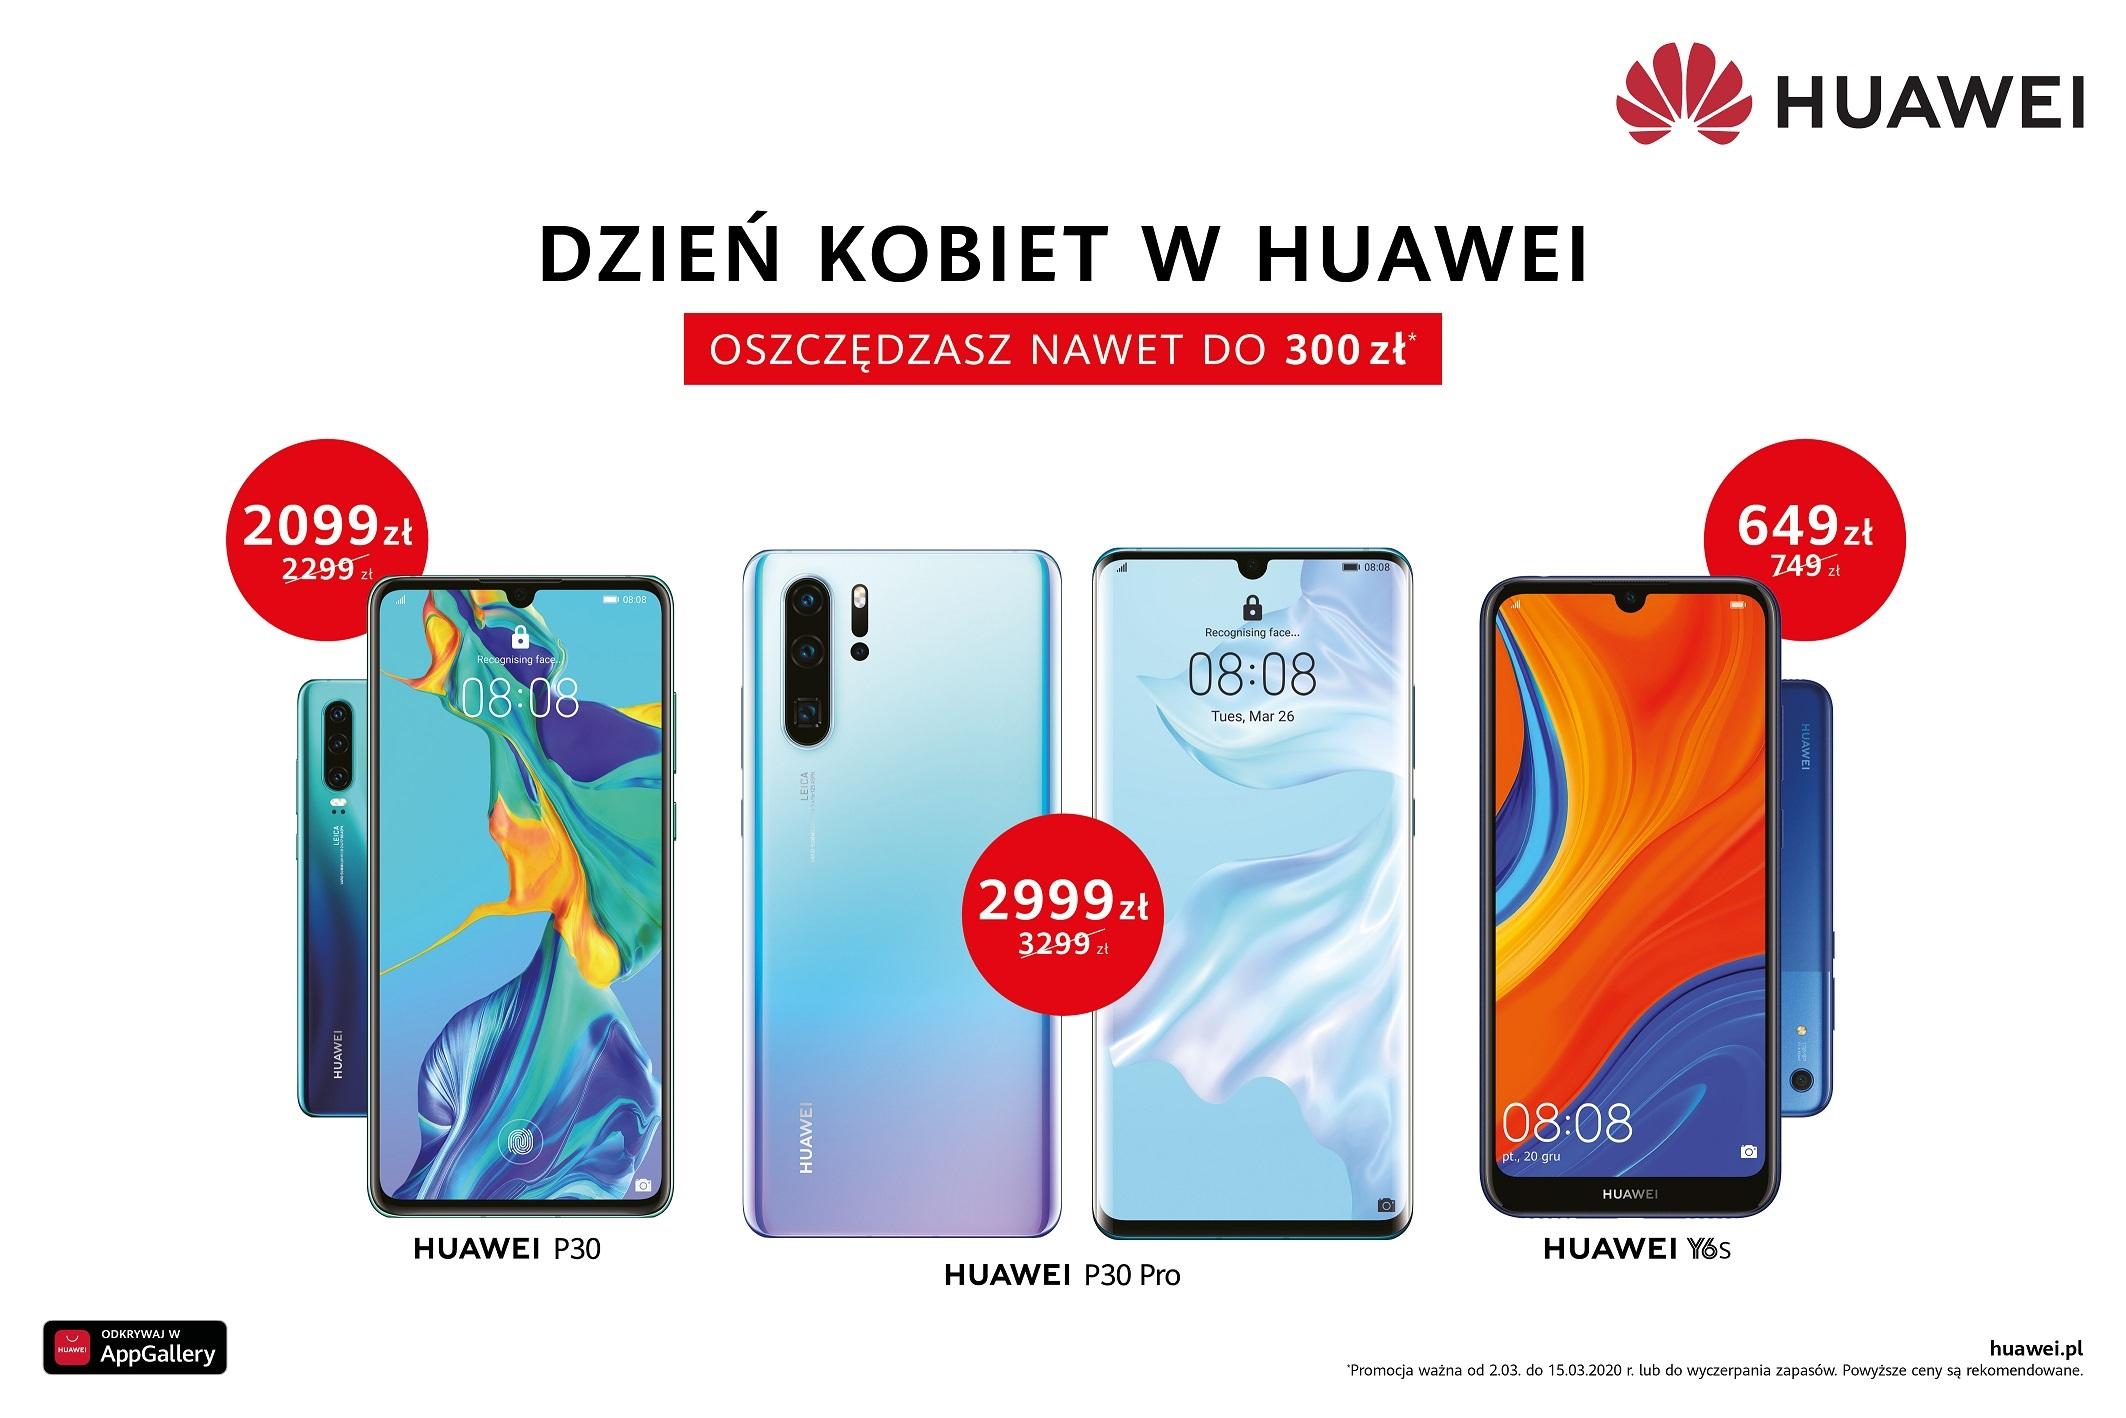 Promocja na flagowce Huawei - P30 i P30 Pro w niższych cenach na Dzień Kobiet